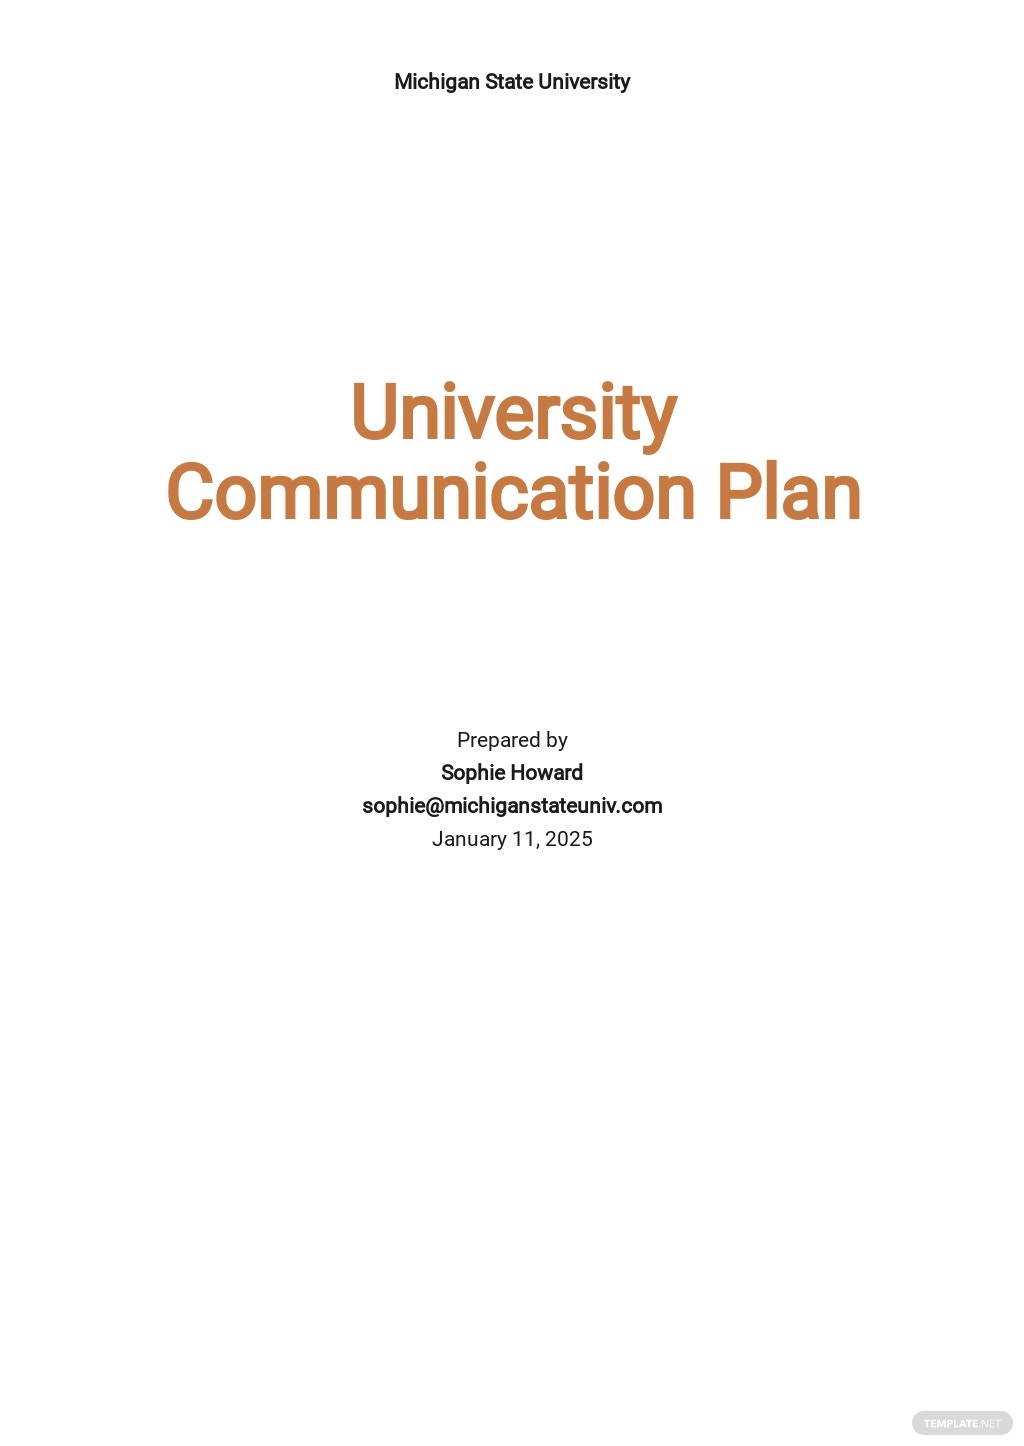 University Communication Plan Template.jpe